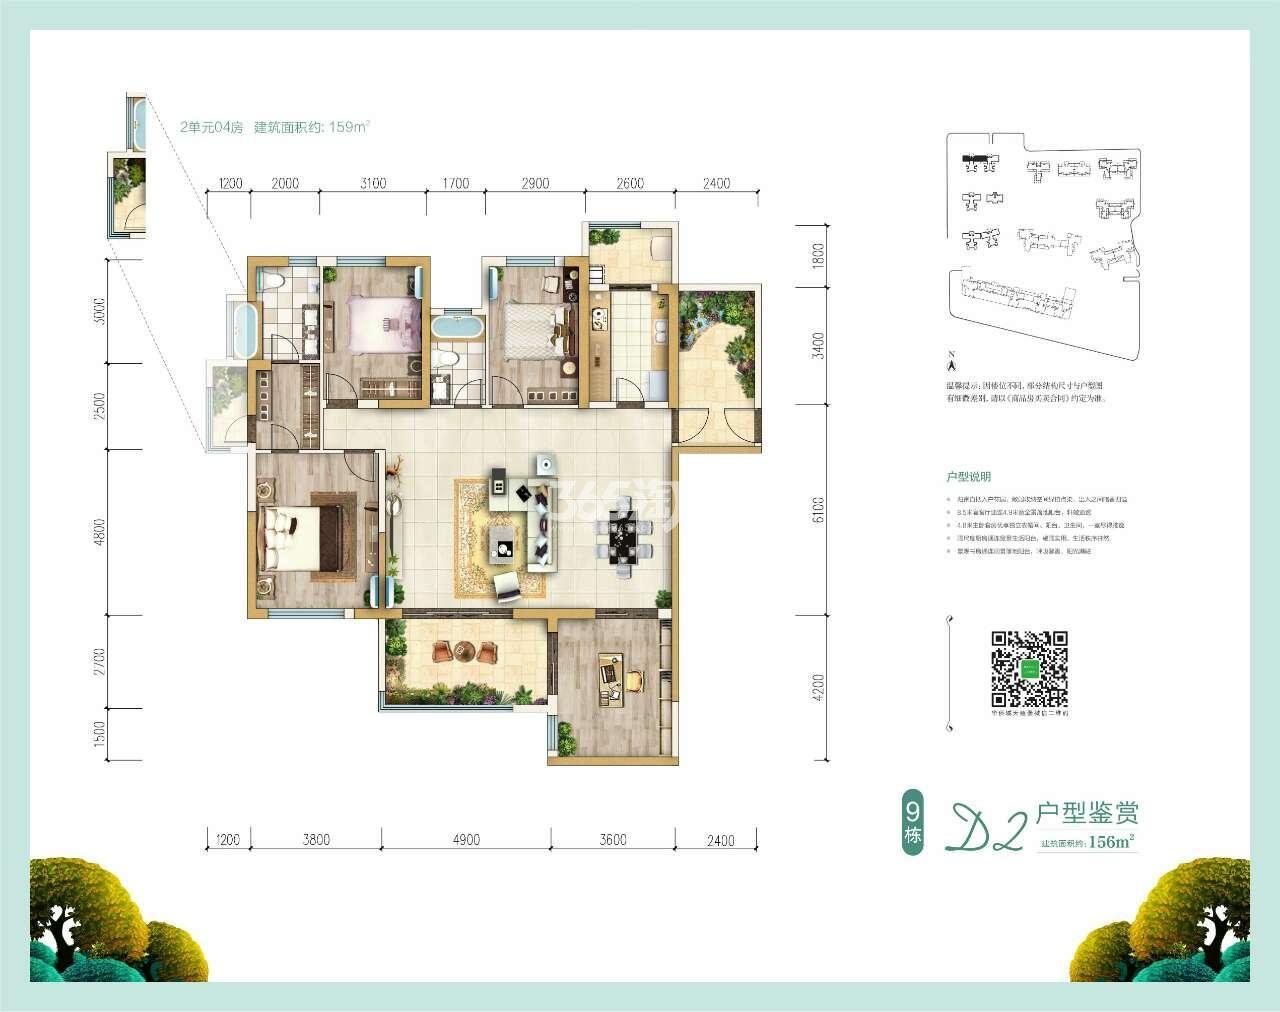 华侨城天鹅堡9#楼D2户型图四室两厅两卫一厨156㎡